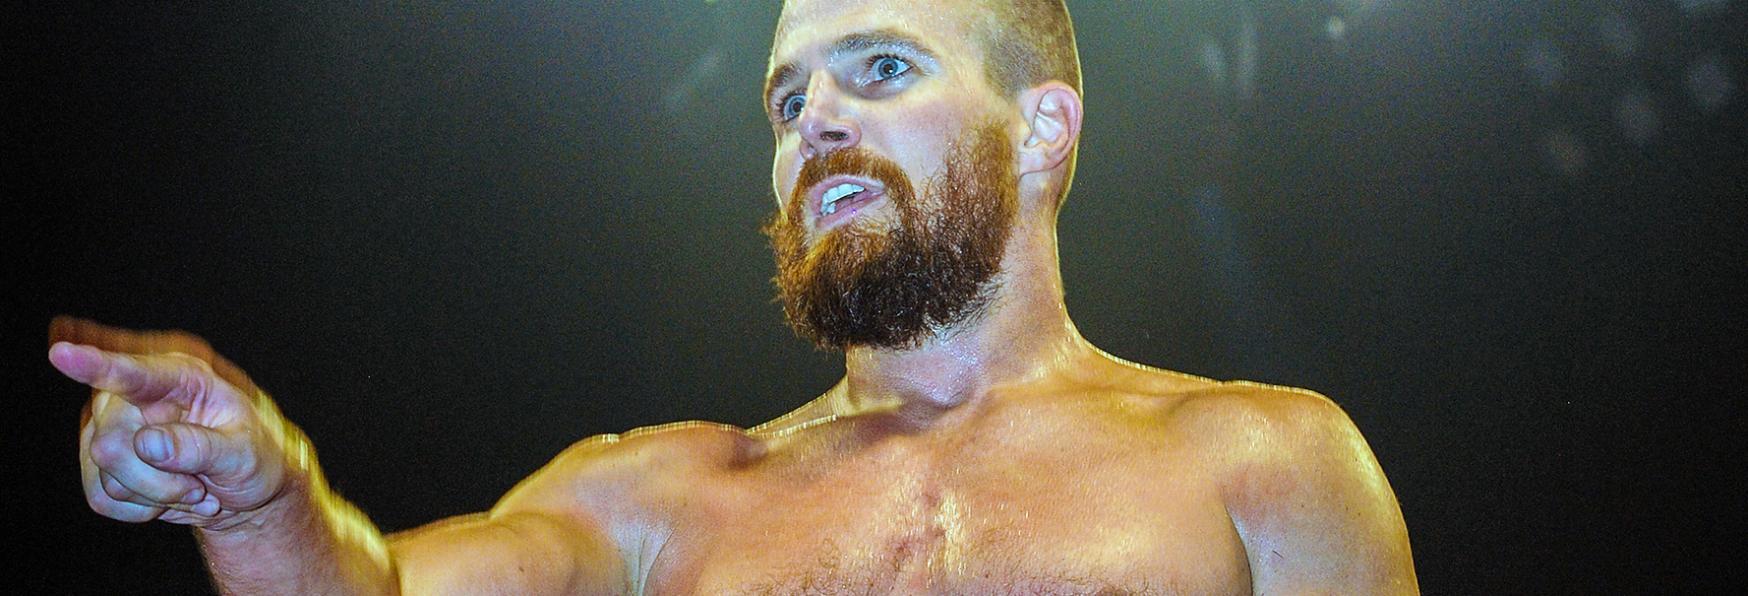 Heels: Stephen Amell svela nuovi Dettagli sulla Serie TV di Wrestling targata Starz